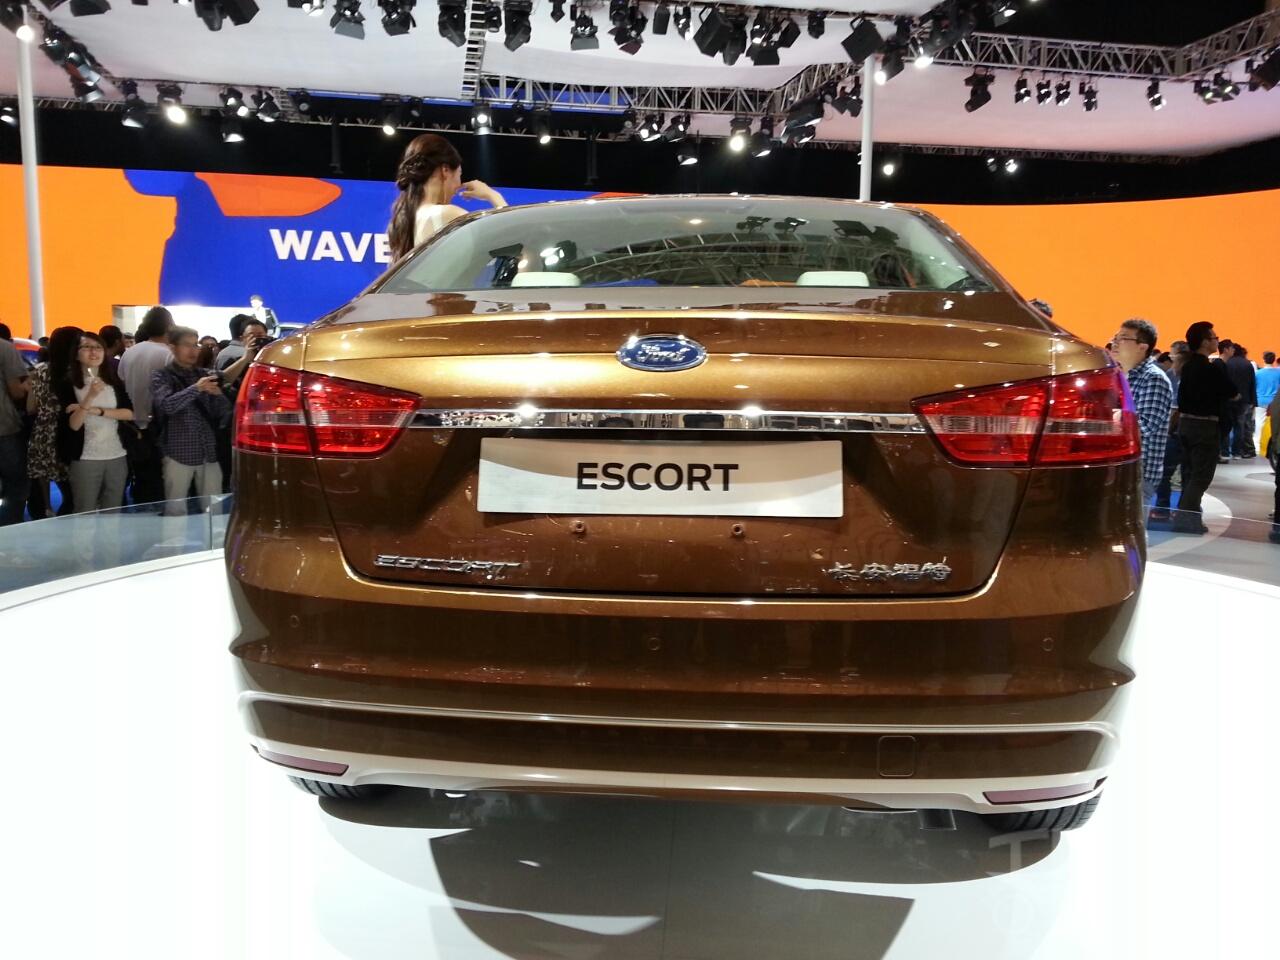 Ford Escort rear at Auto China 2014